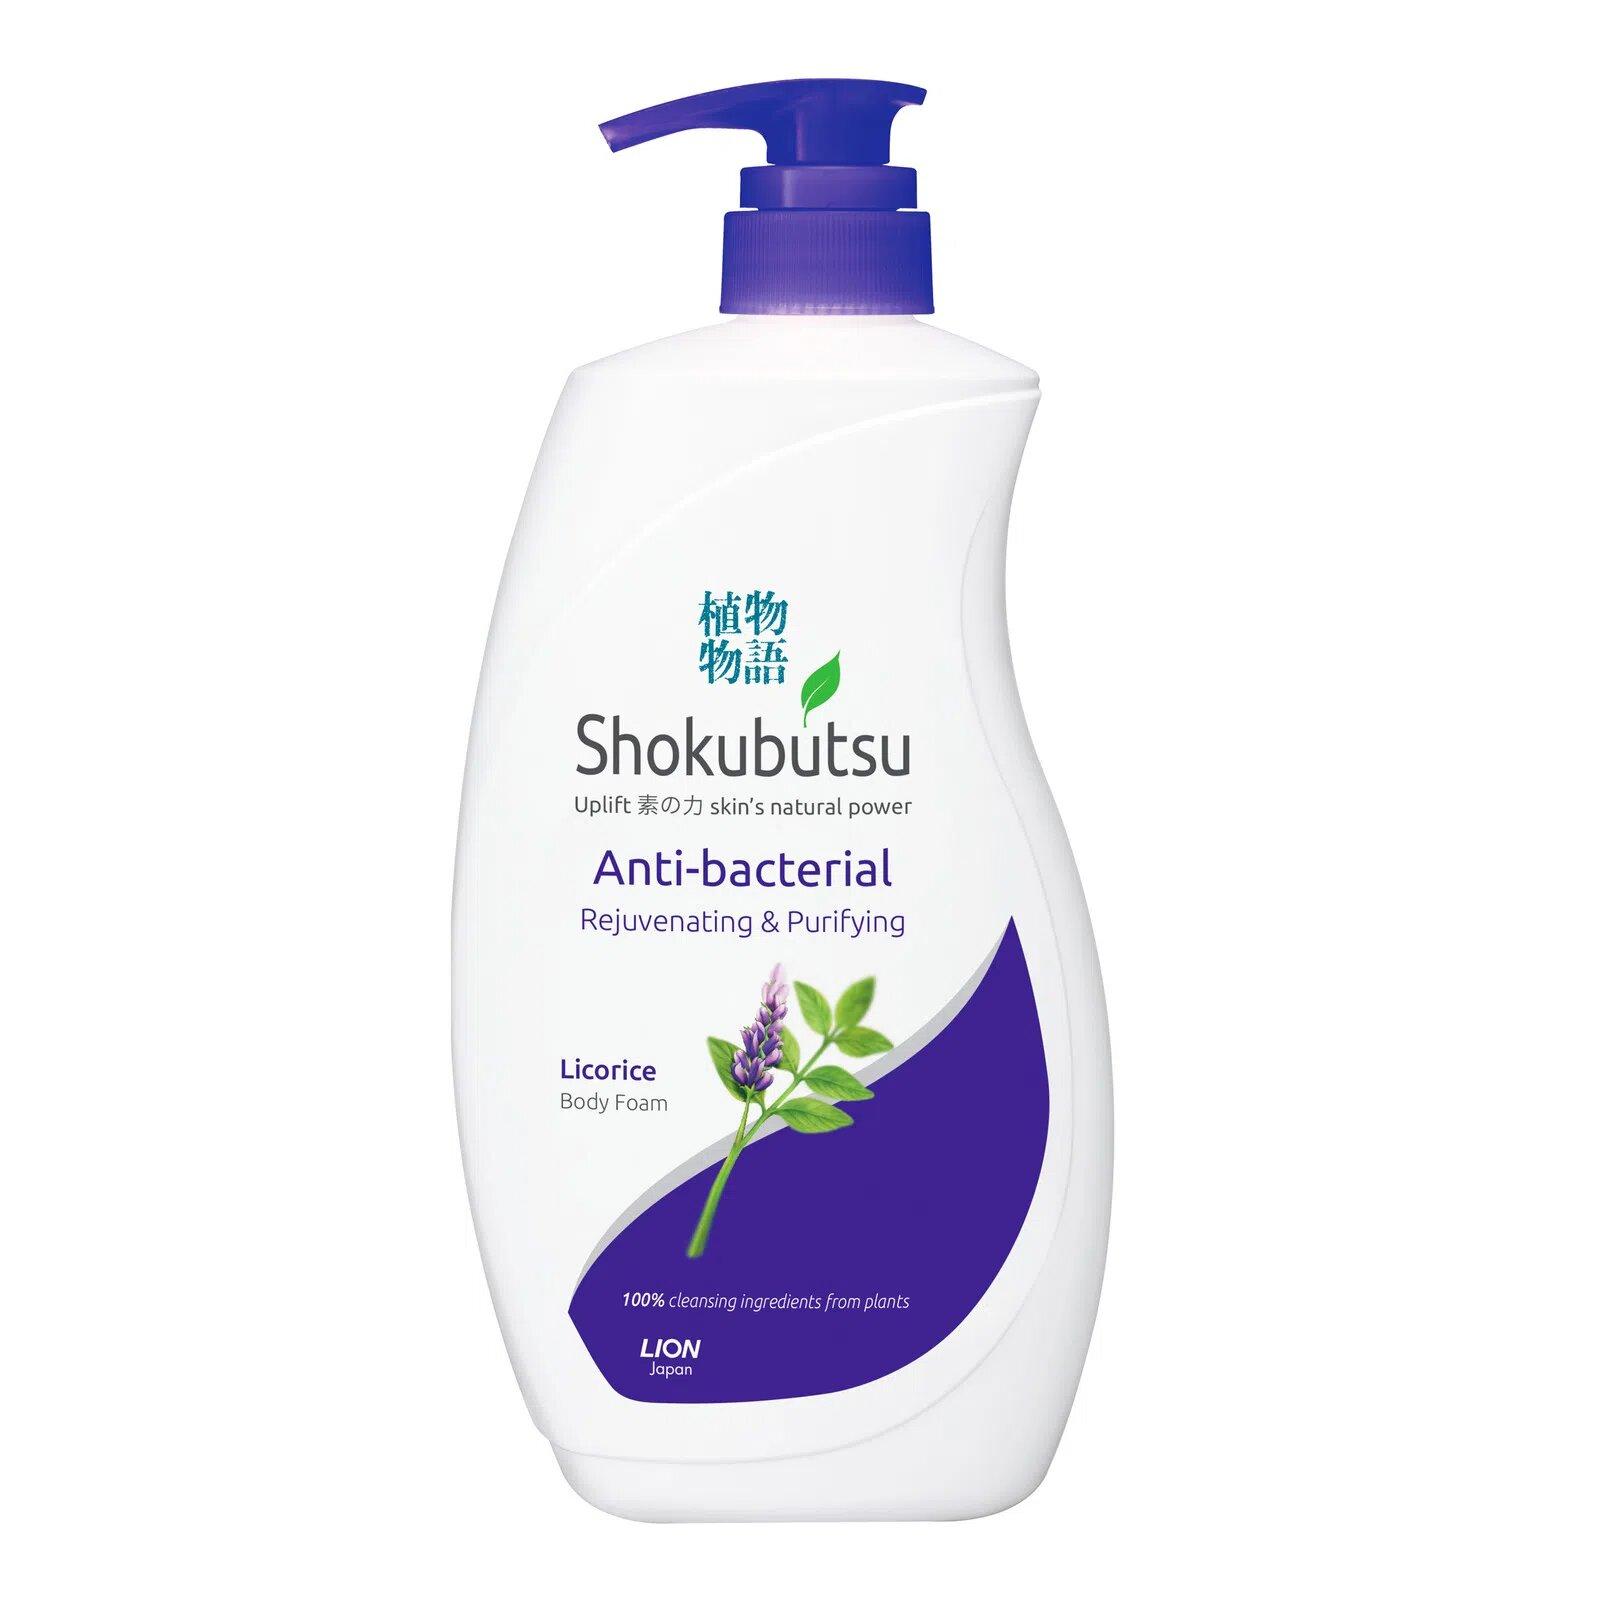 Shokubutsu Anti-bacterial Body Foam